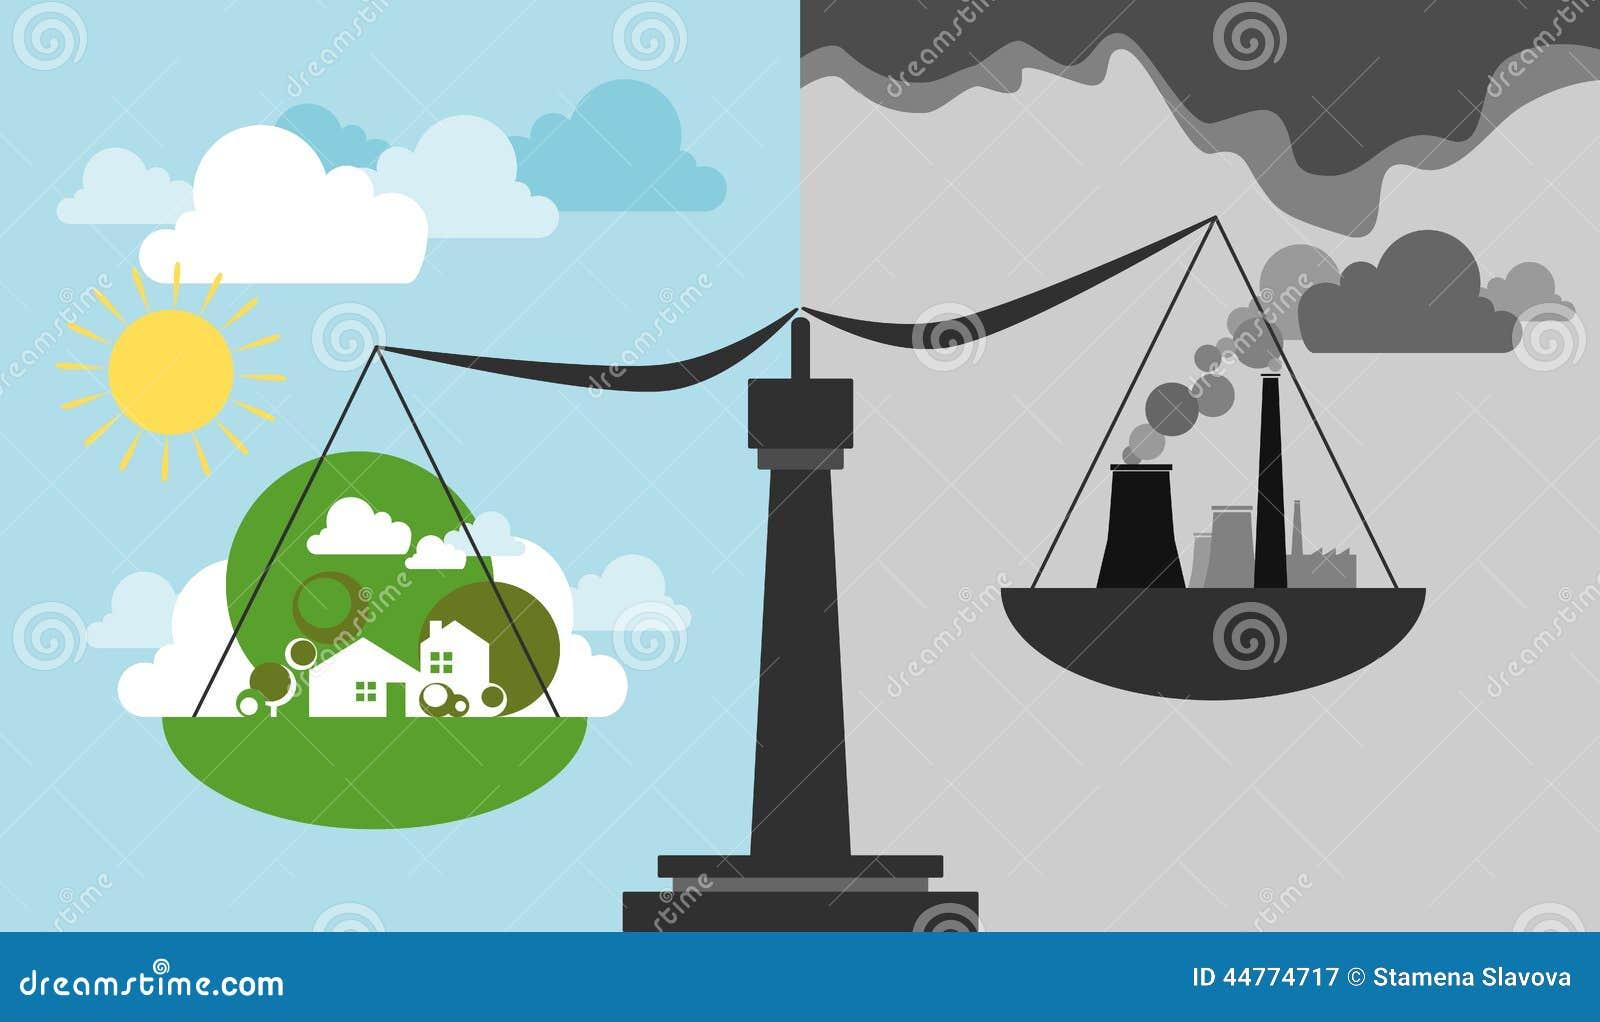 Ekologisk skala och jämvikt